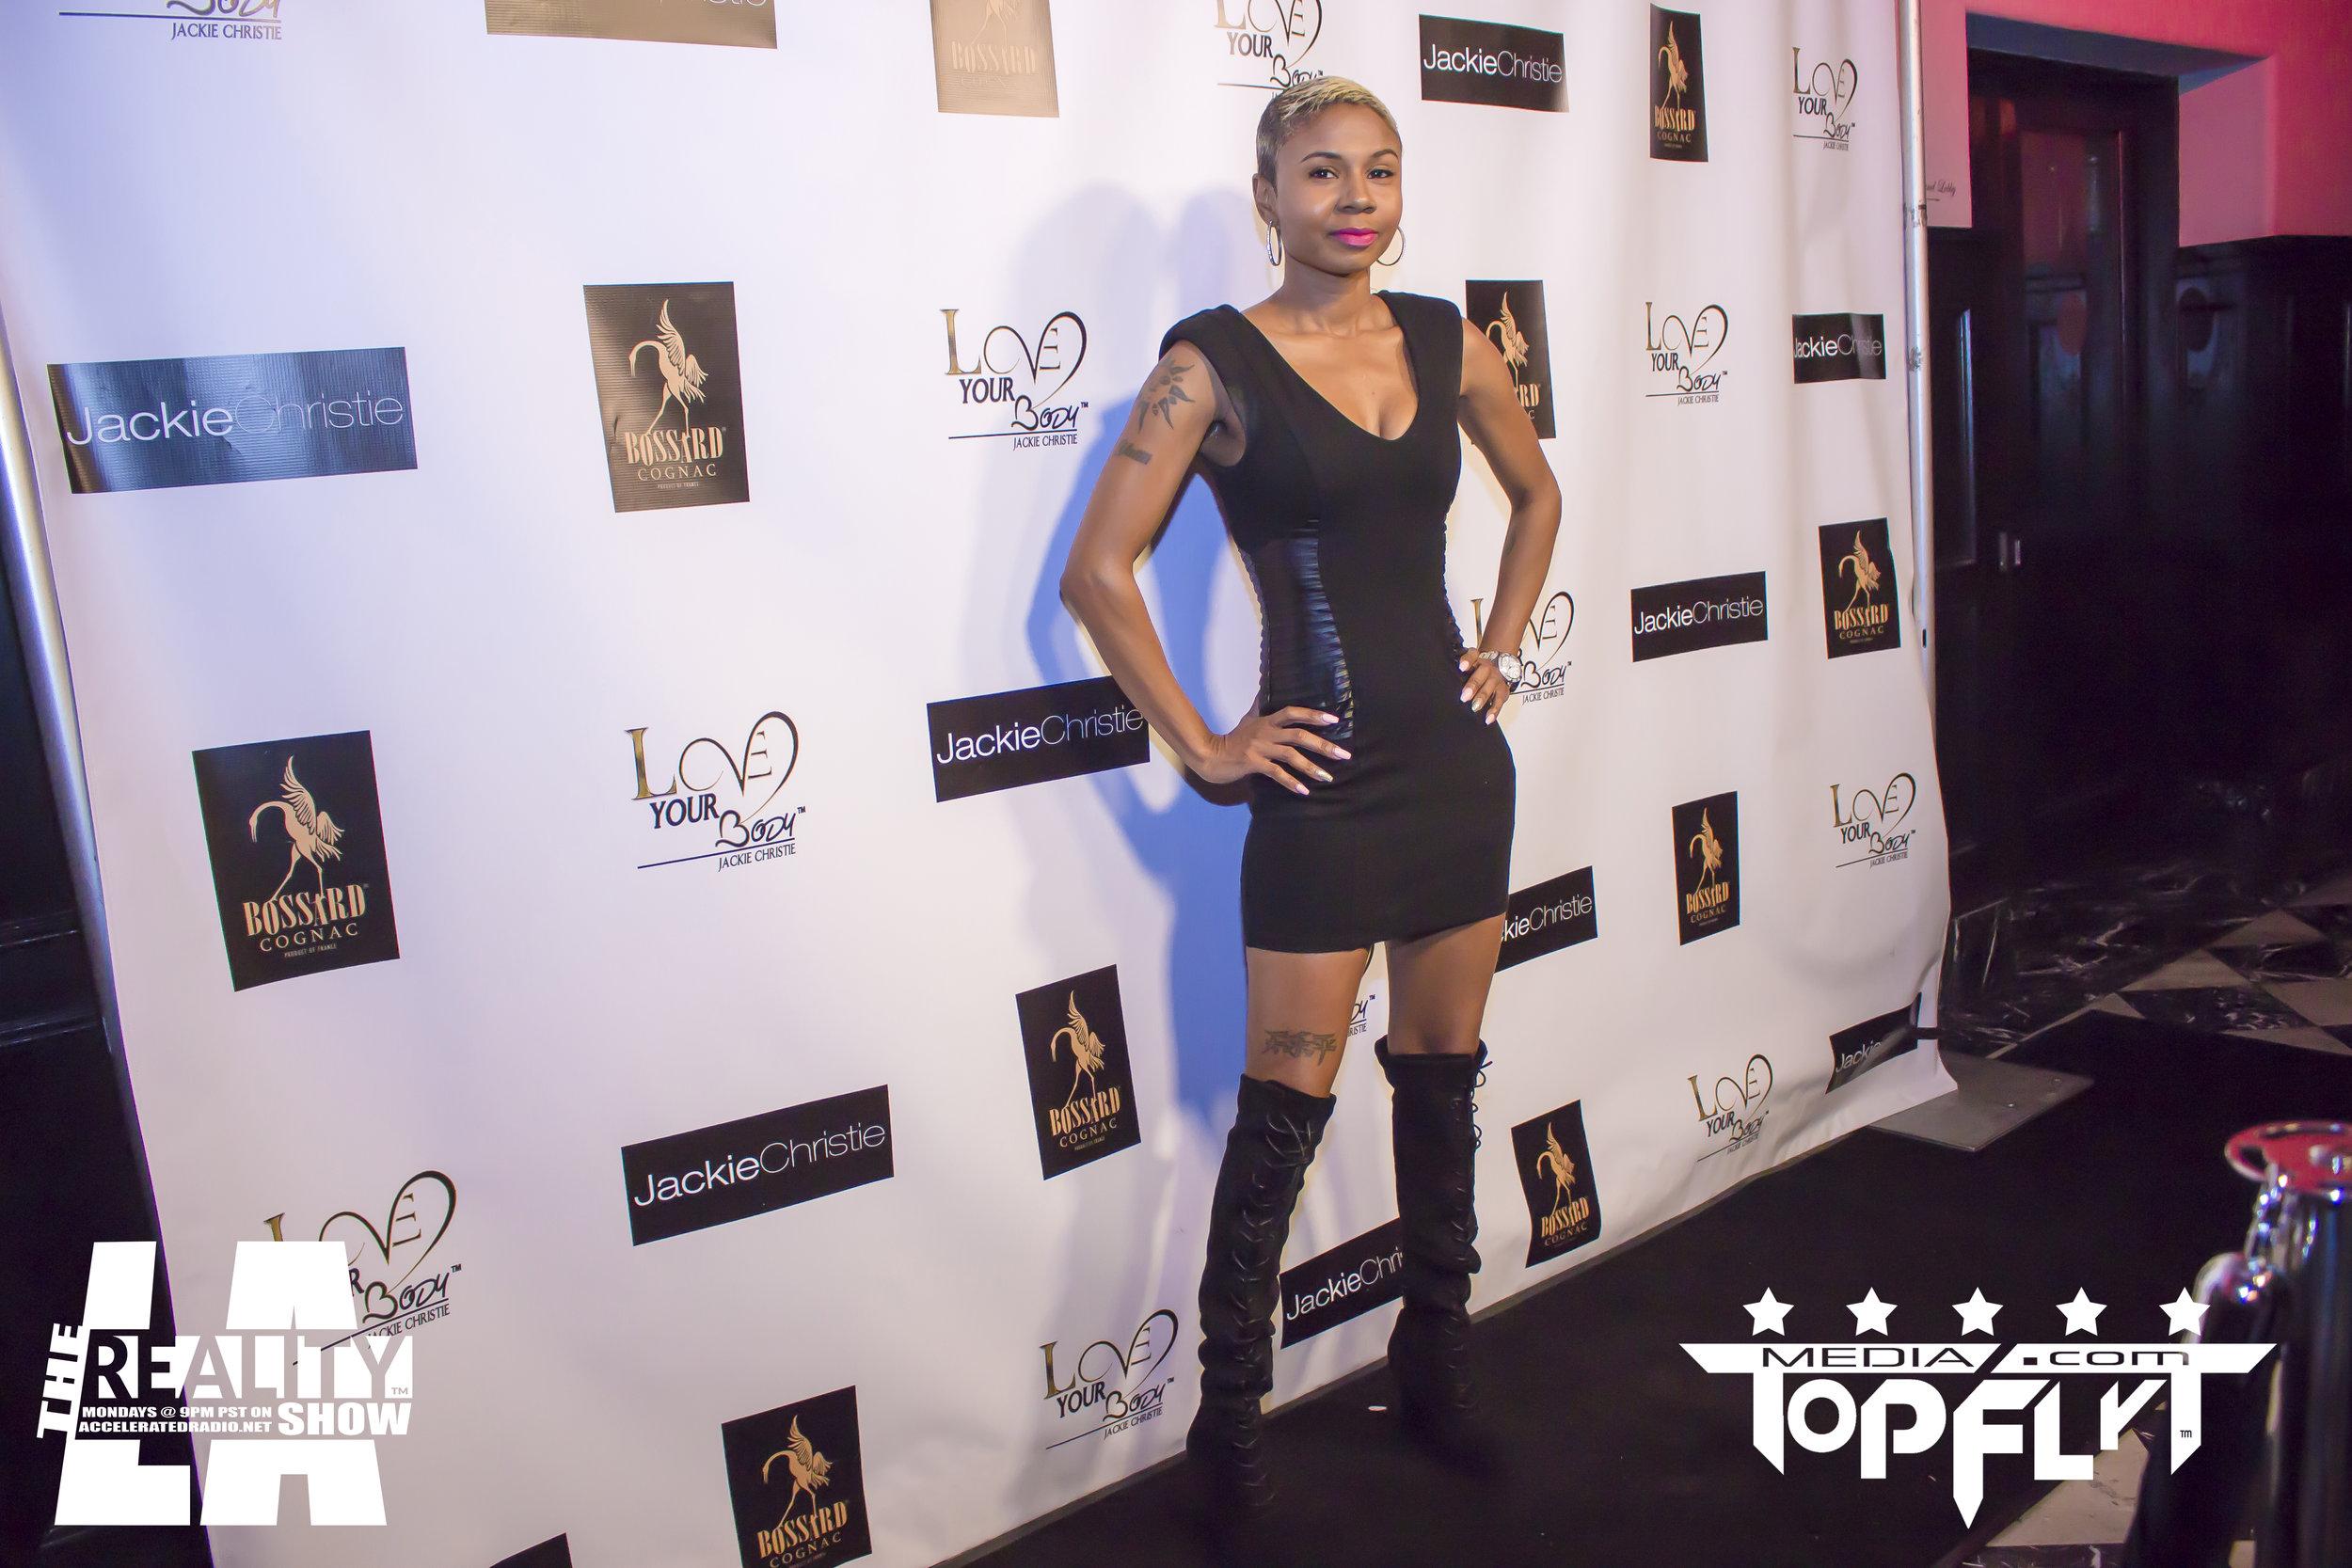 The Reality Show LA - Jackie Christie_41.jpg